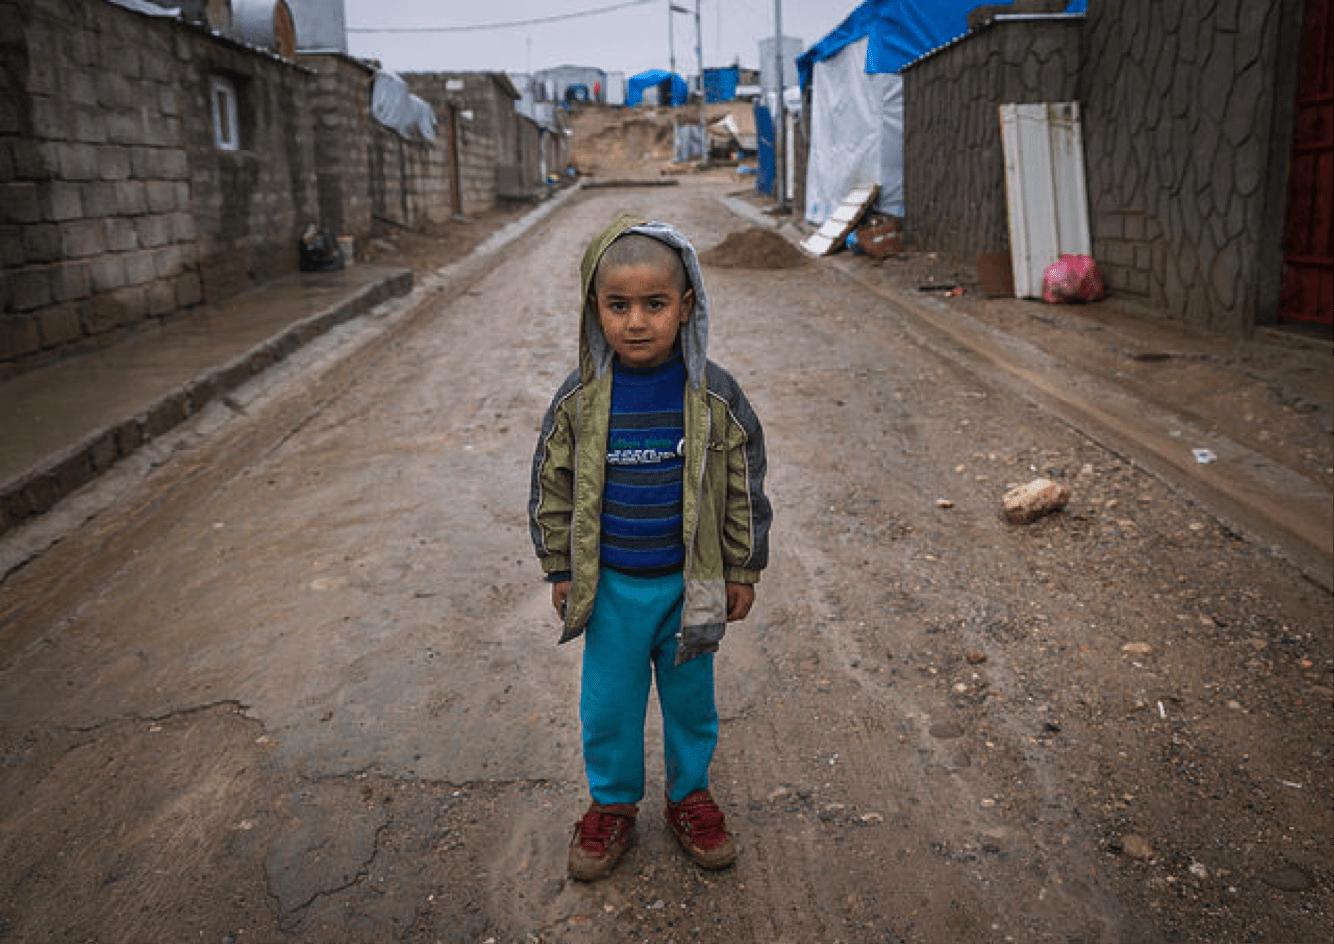 Un enfant syrien dans un camp de réfugié en Iraq